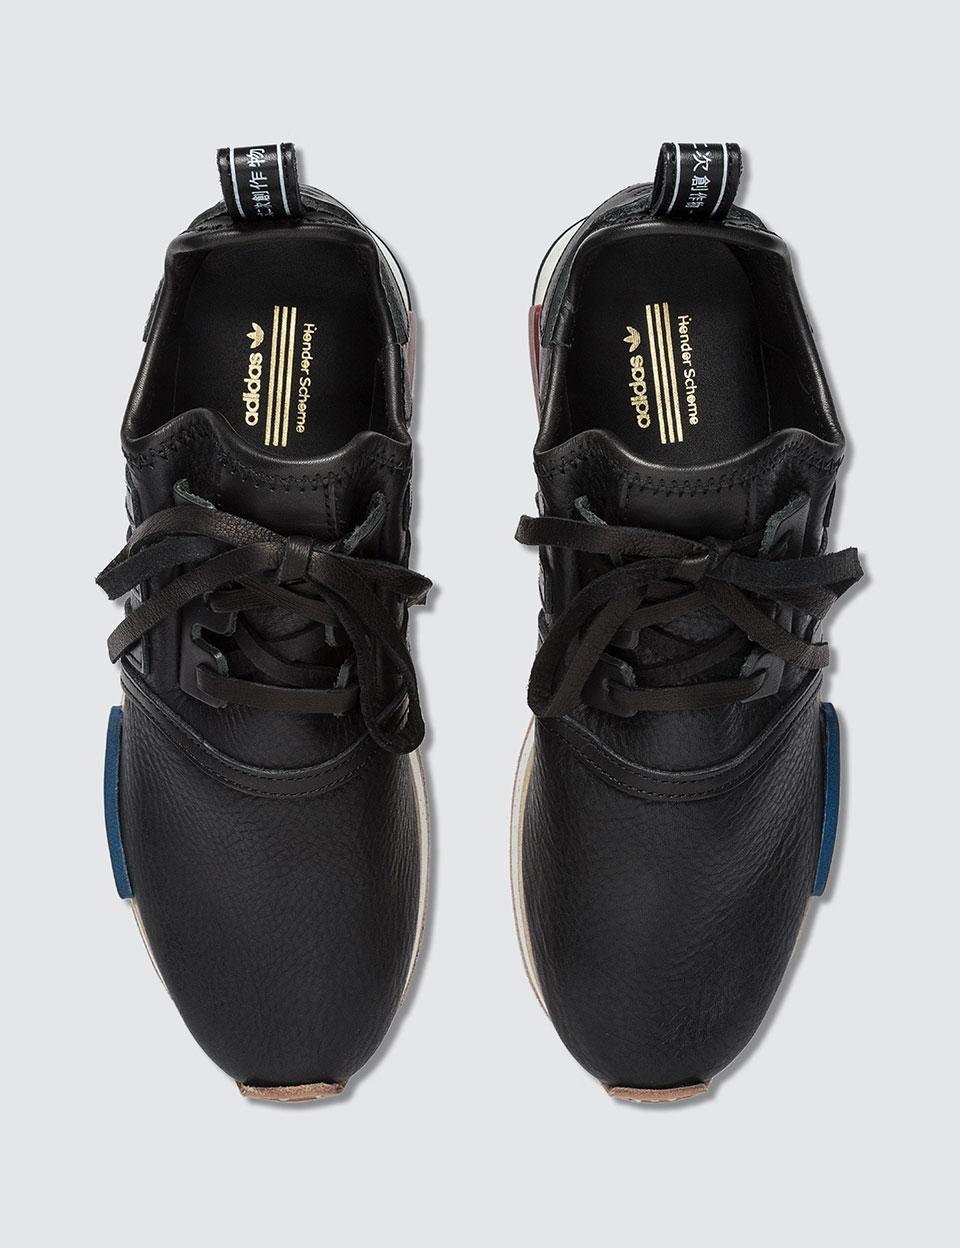 2018 Hender Scheme x Adidas NMD_R1